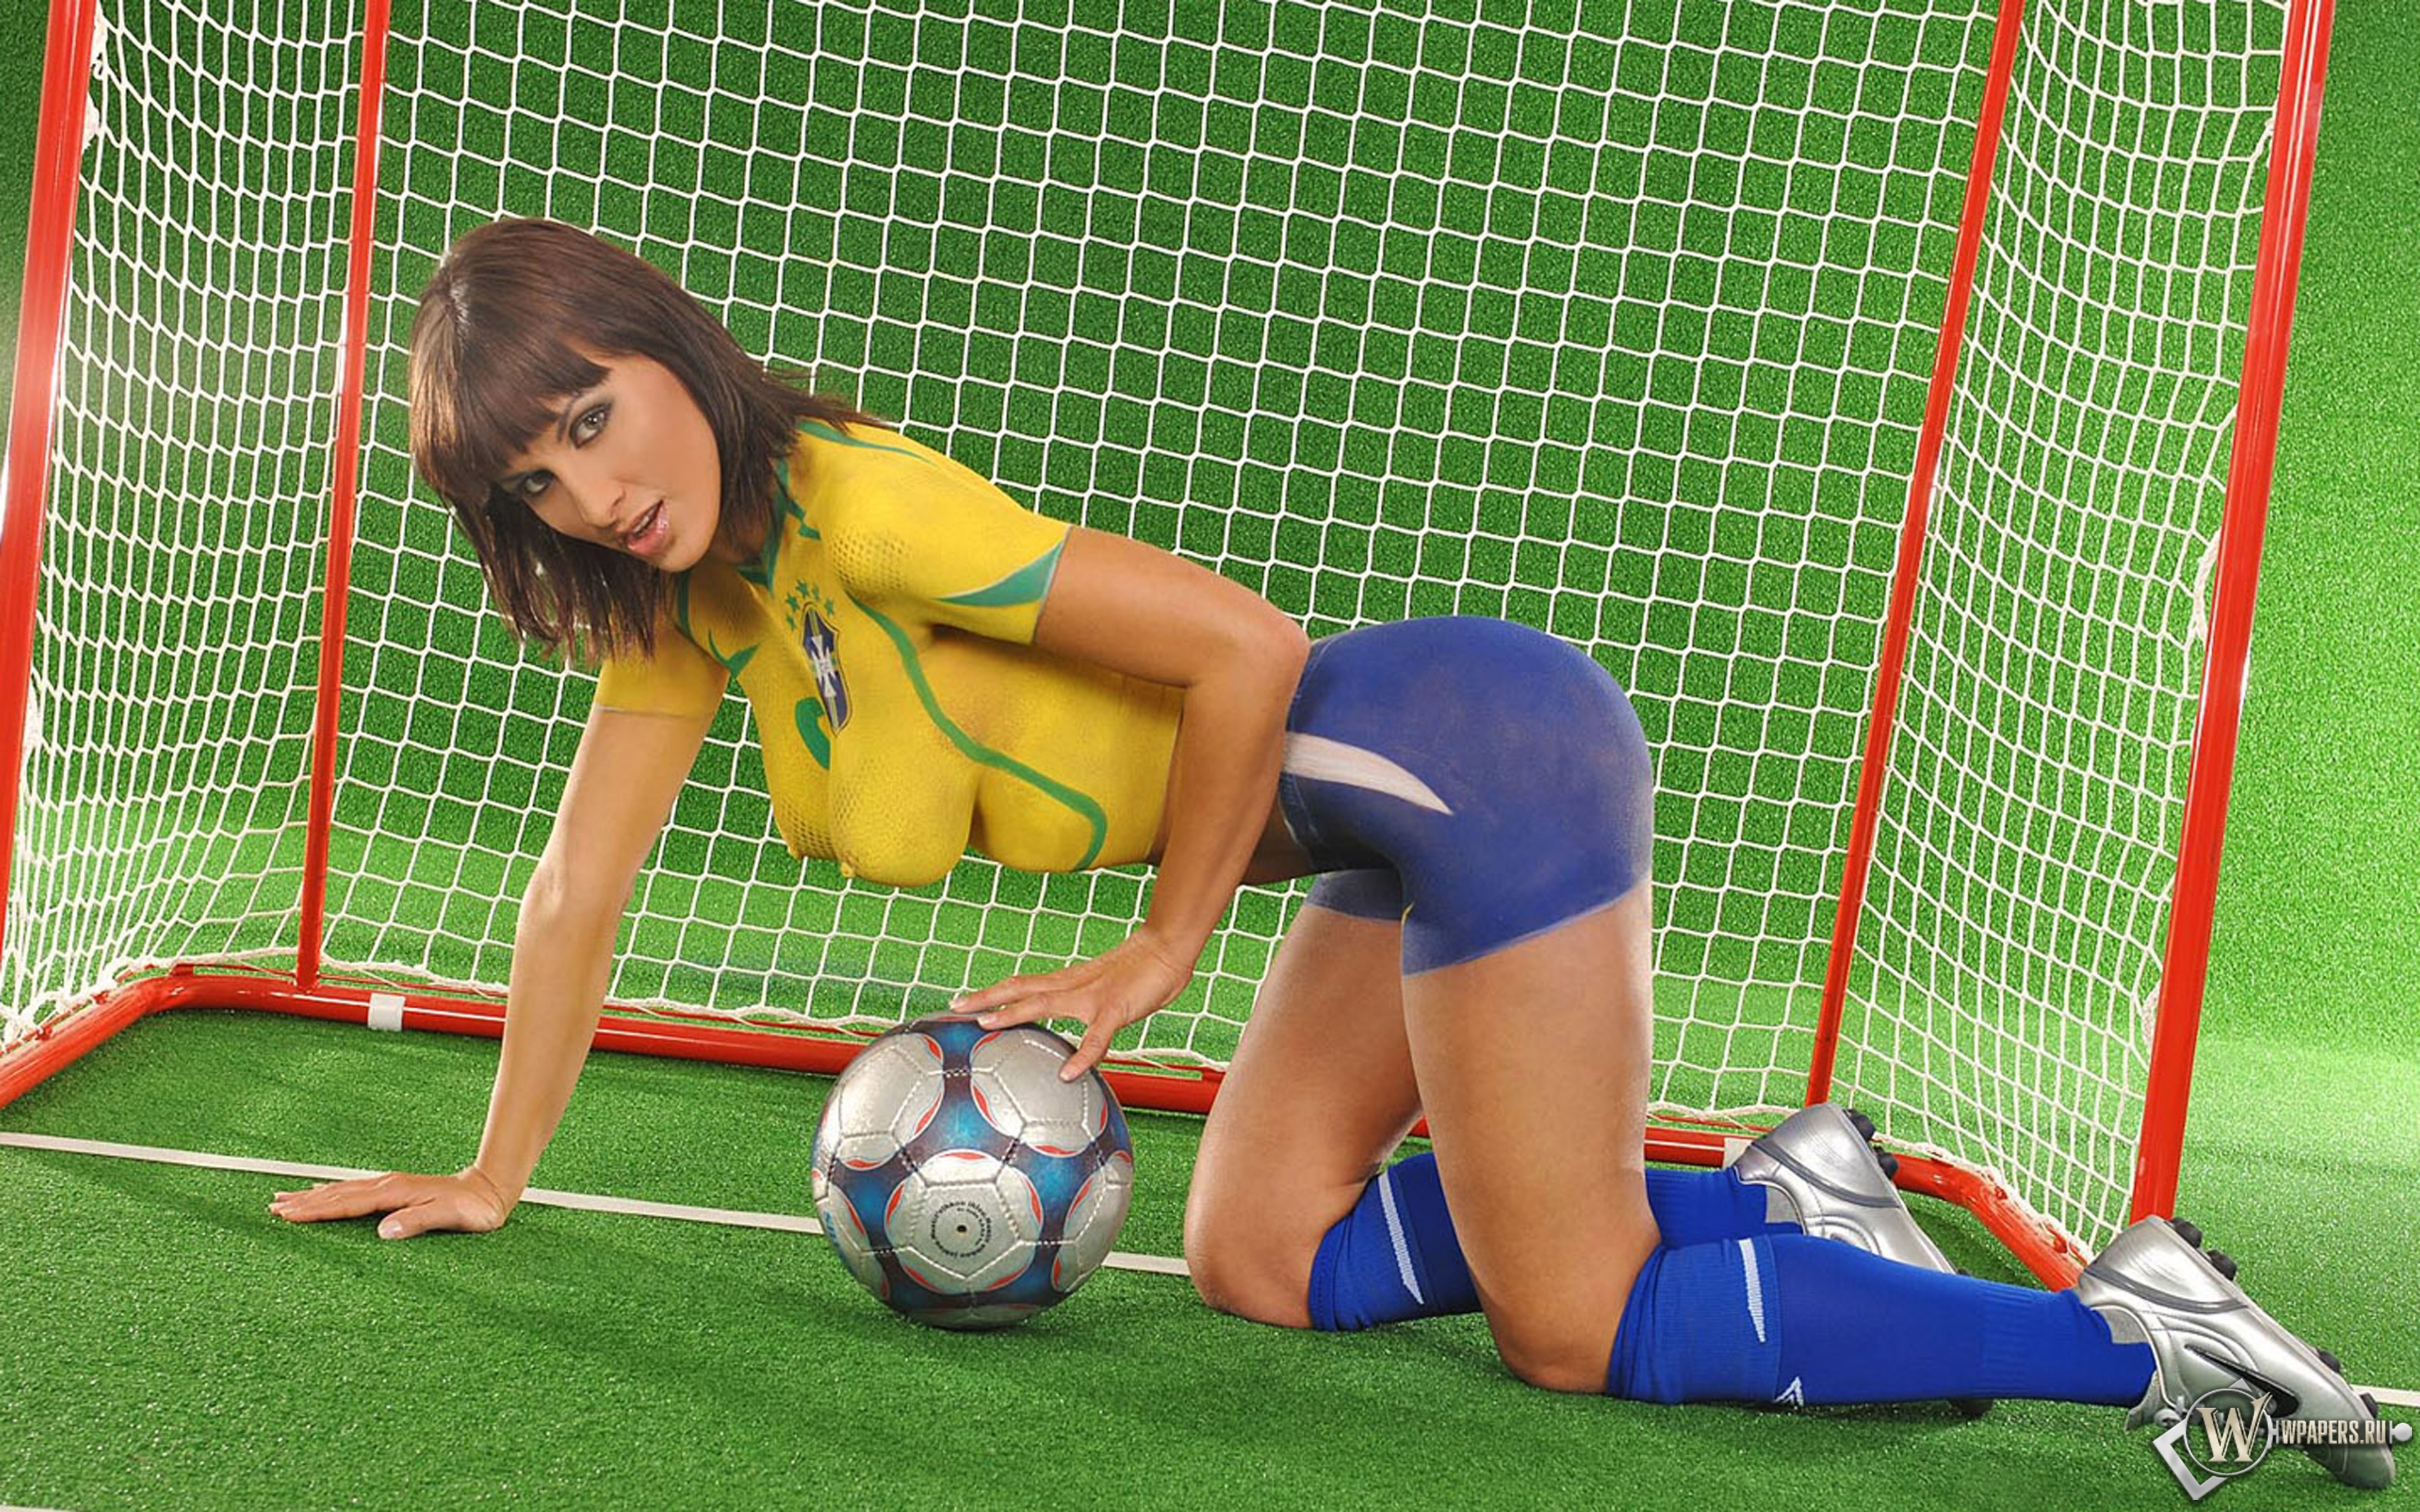 goliy-na-futbole